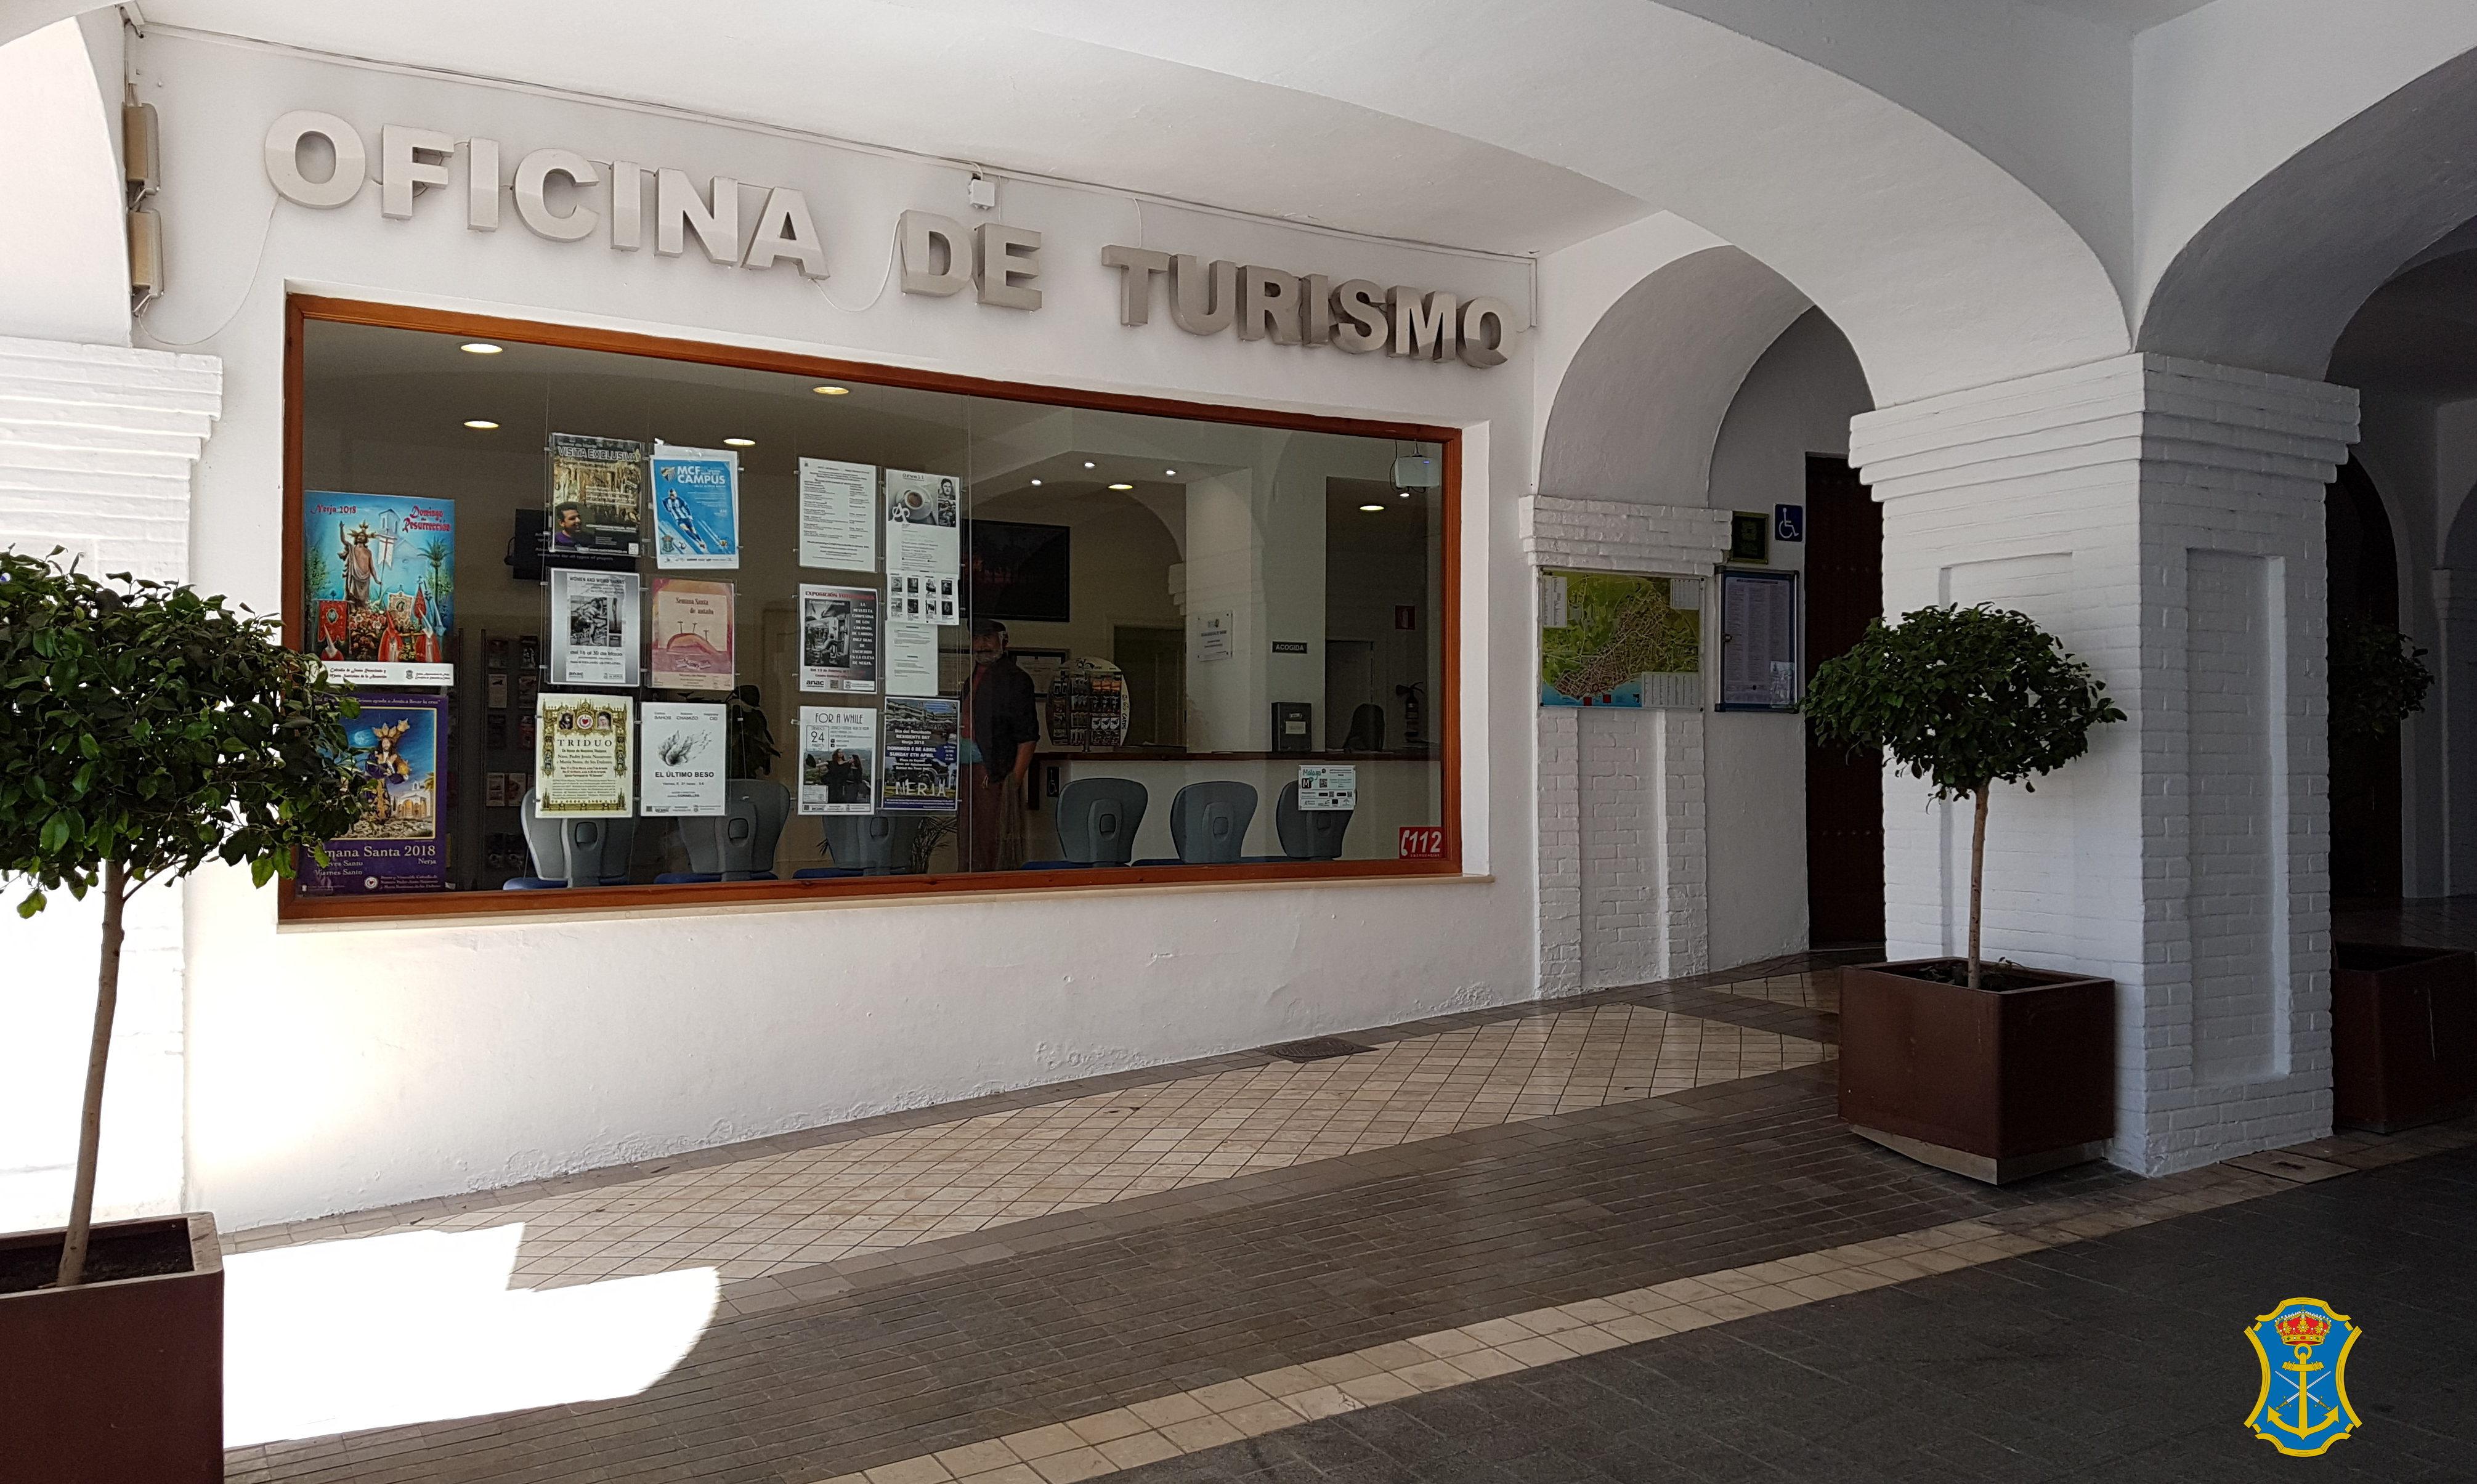 Participa en las acciones promocionales de la concejal a de turismo de nerja ayuntamiento de nerja - Oficina turismo andorra ...